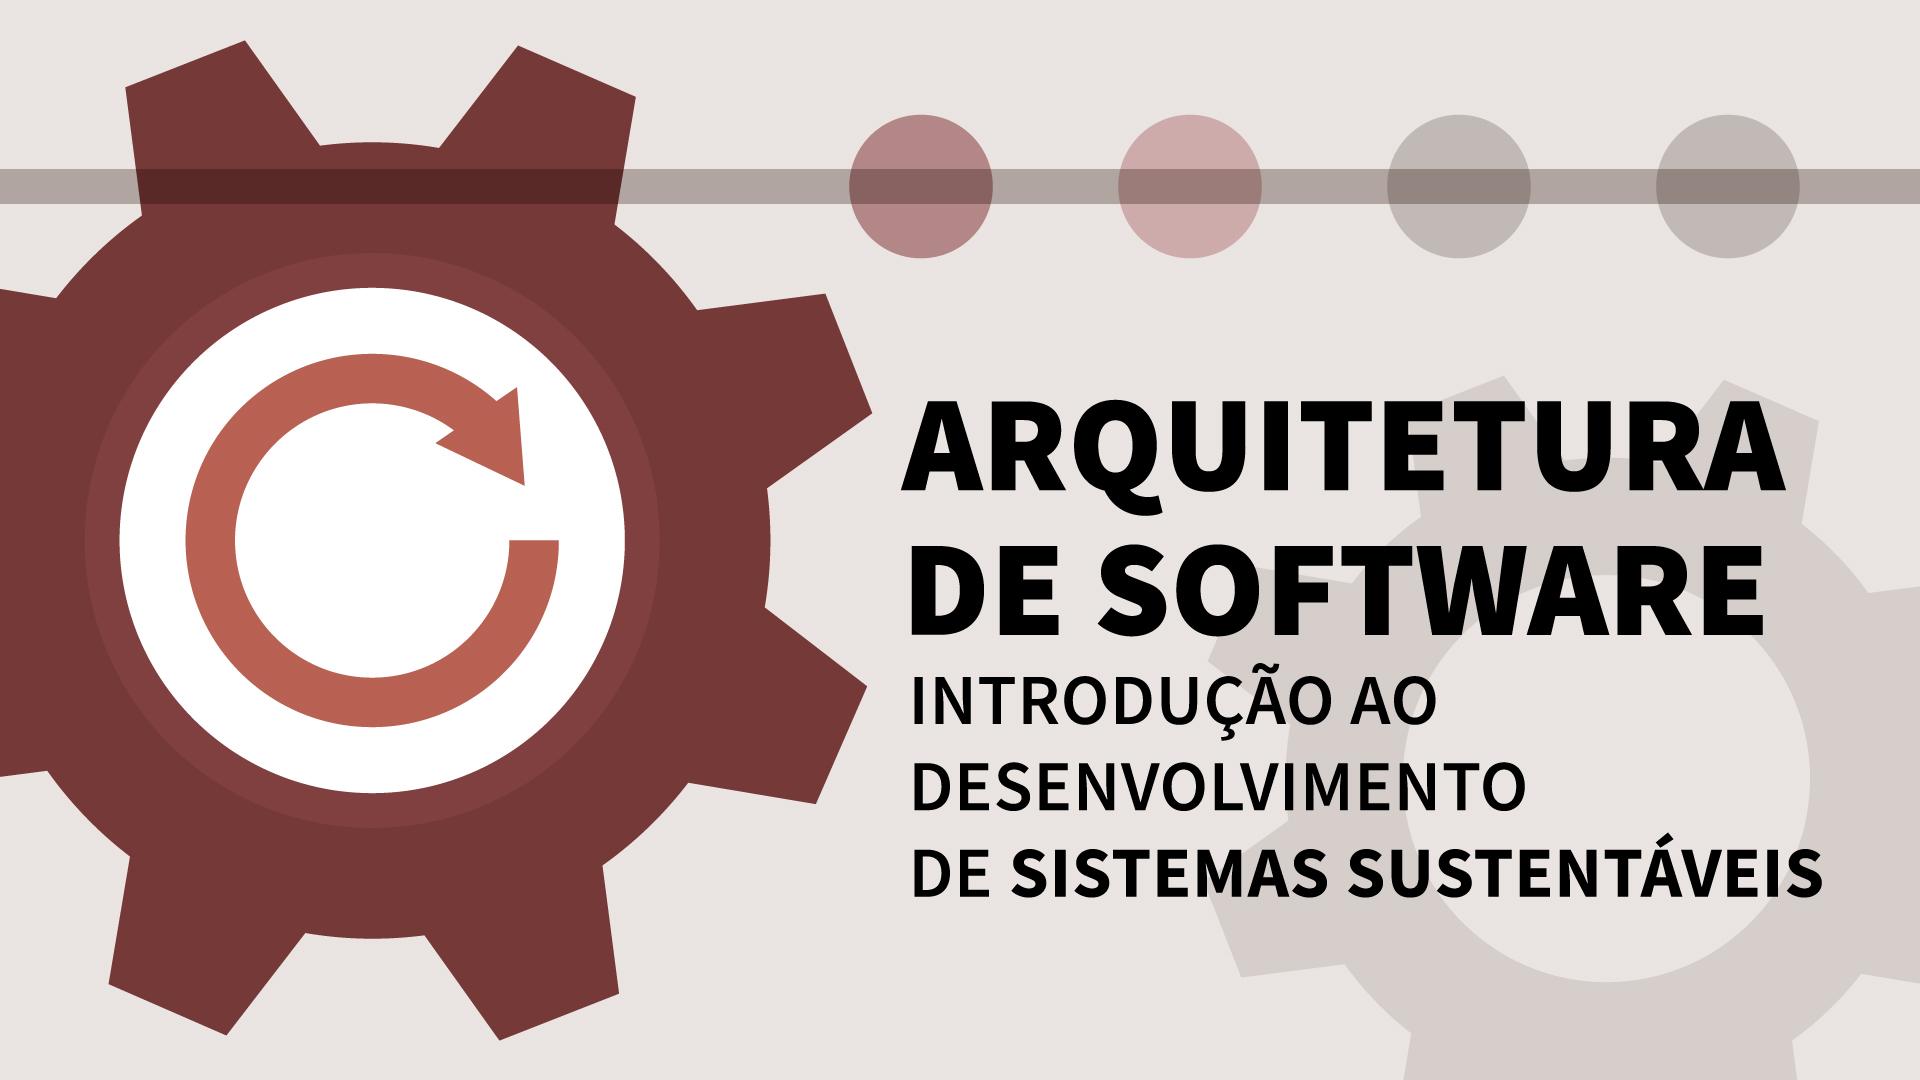 Arquitetura de Software: Introdução ao Desenvolvimento de Sistemas Sustentáveis